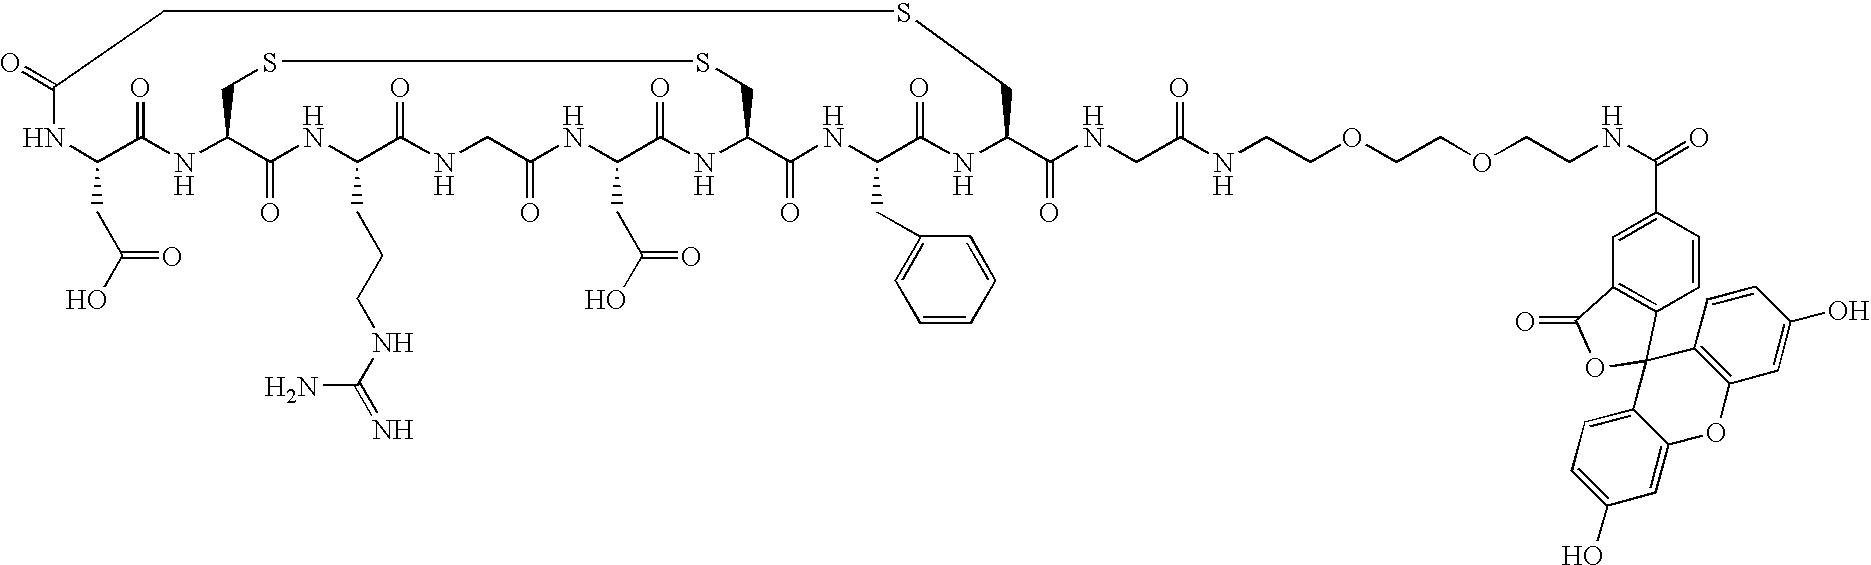 Figure US20090232741A1-20090917-C00020